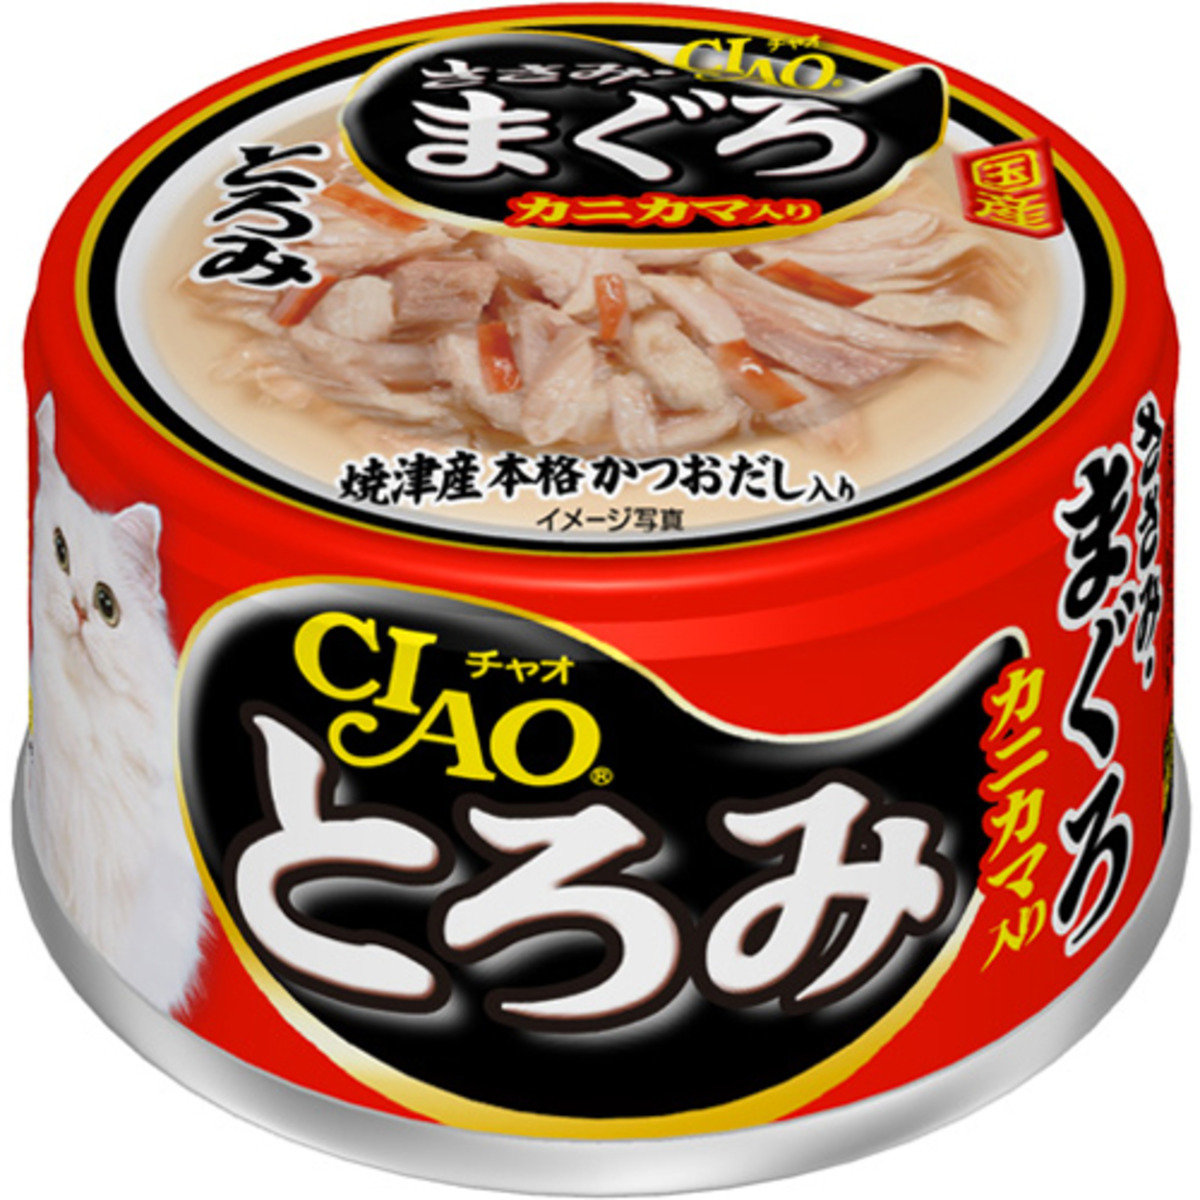 日本CIAO雞肉金槍魚蟹柳 A-43